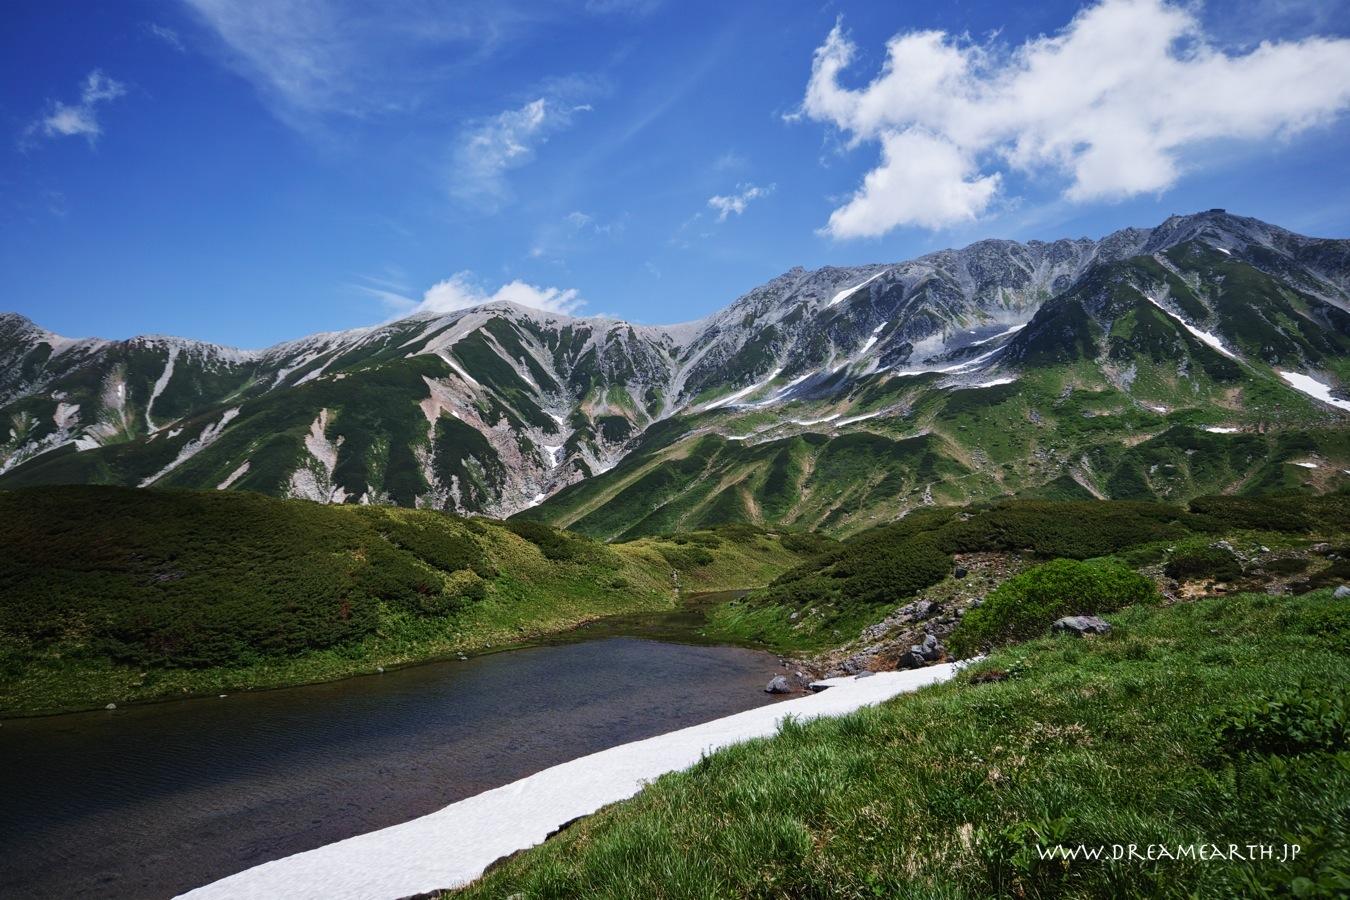 立山黒部アルペンルート ミドリガ池